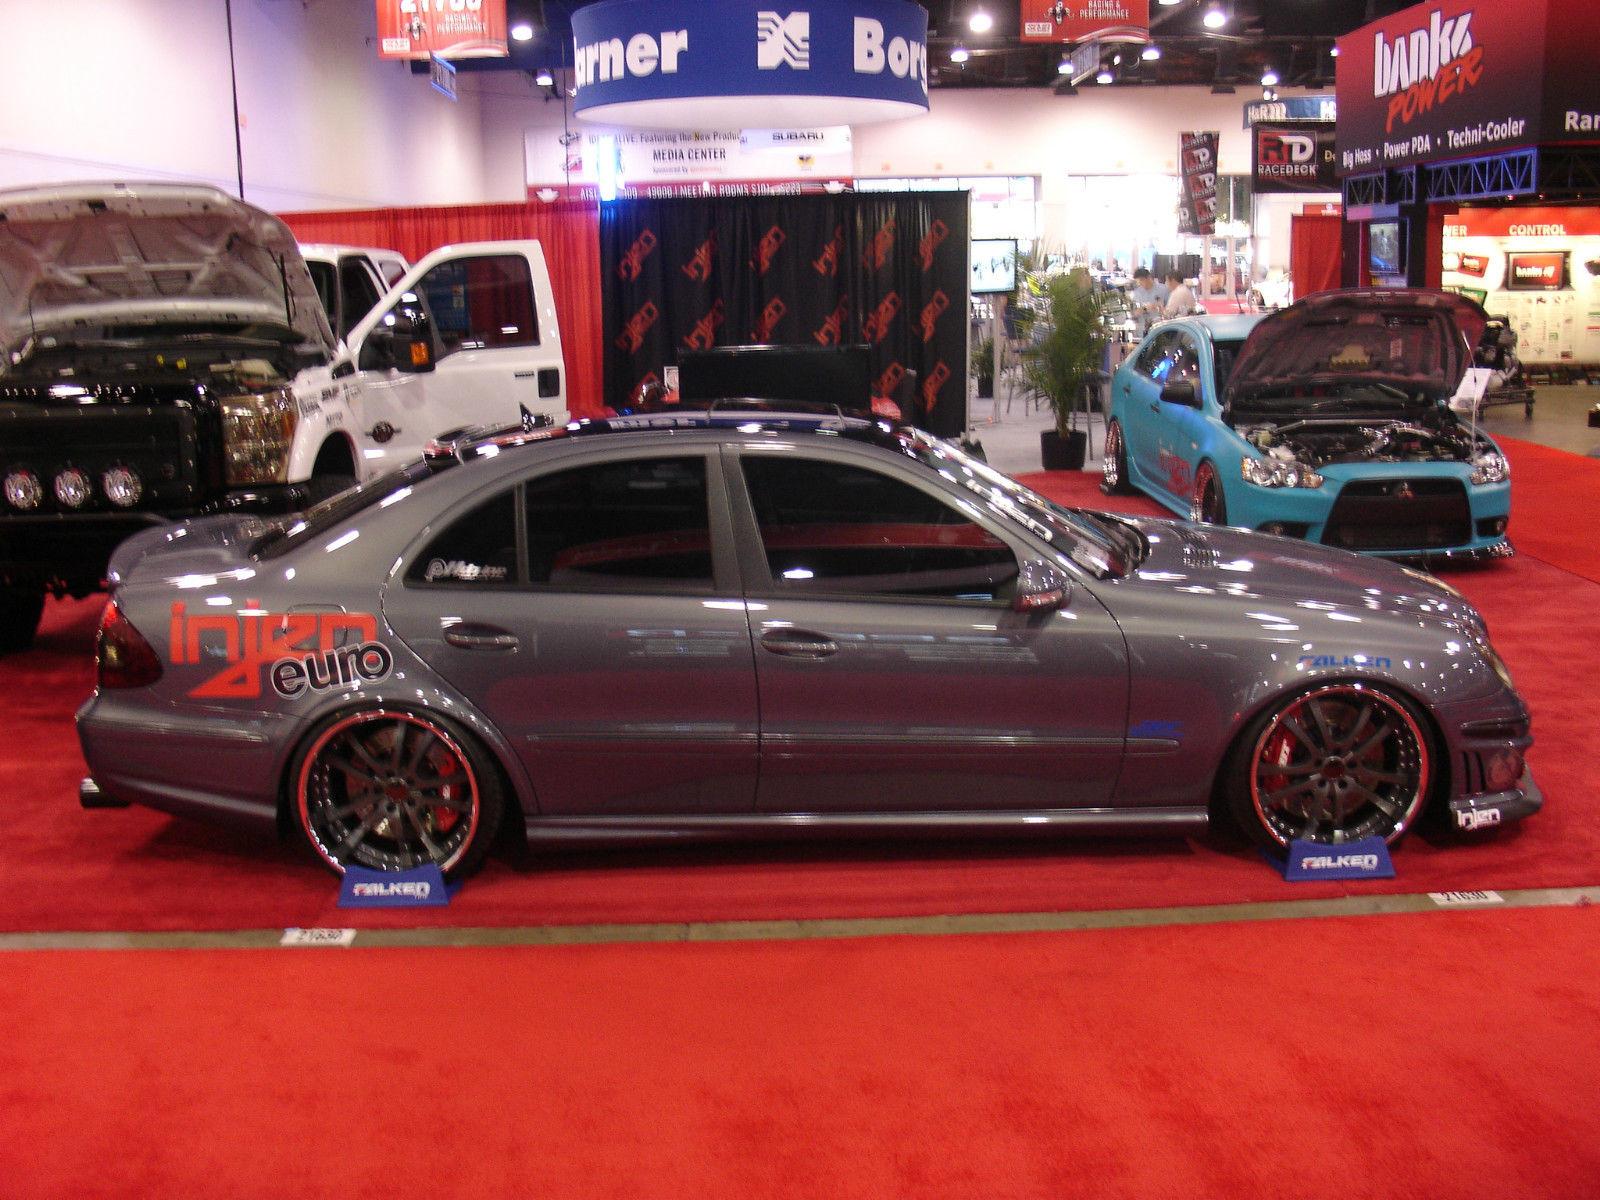 MercedesBenz W211 E550 Stance BENZTUNING